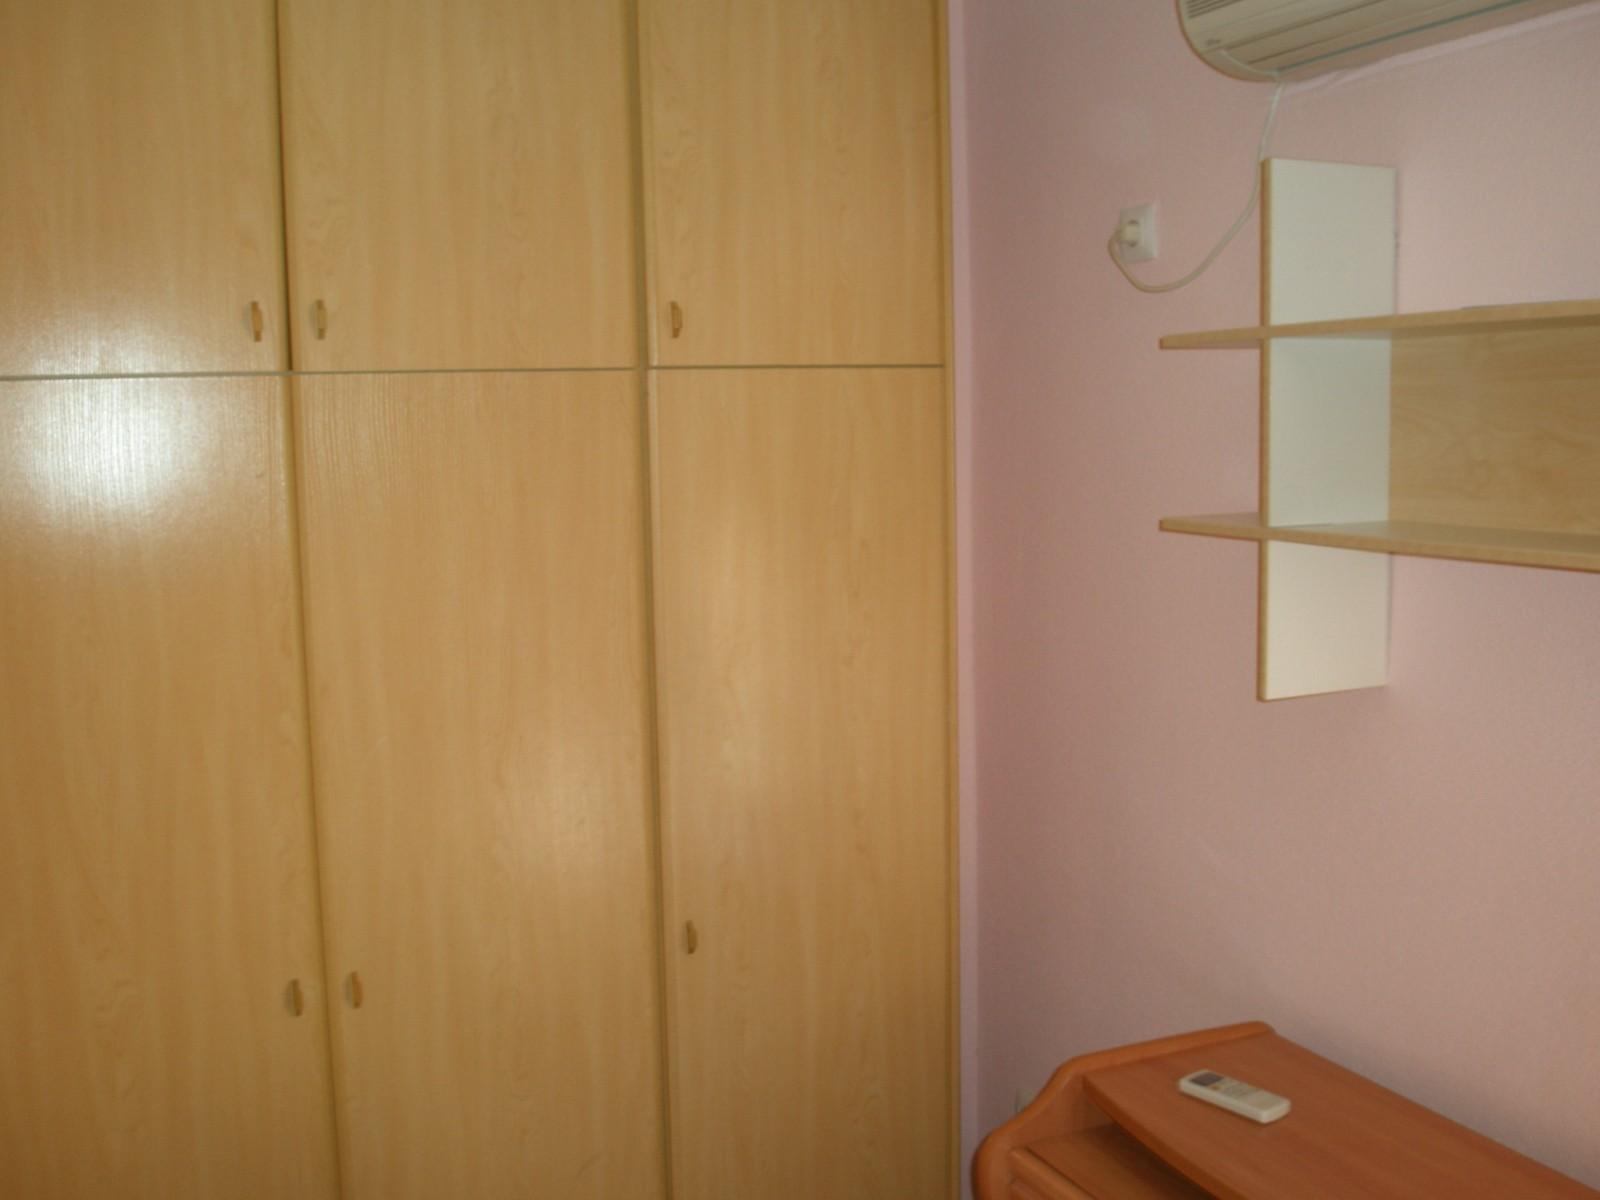 Alquiler de piso en córdoba - imagenInmueble16